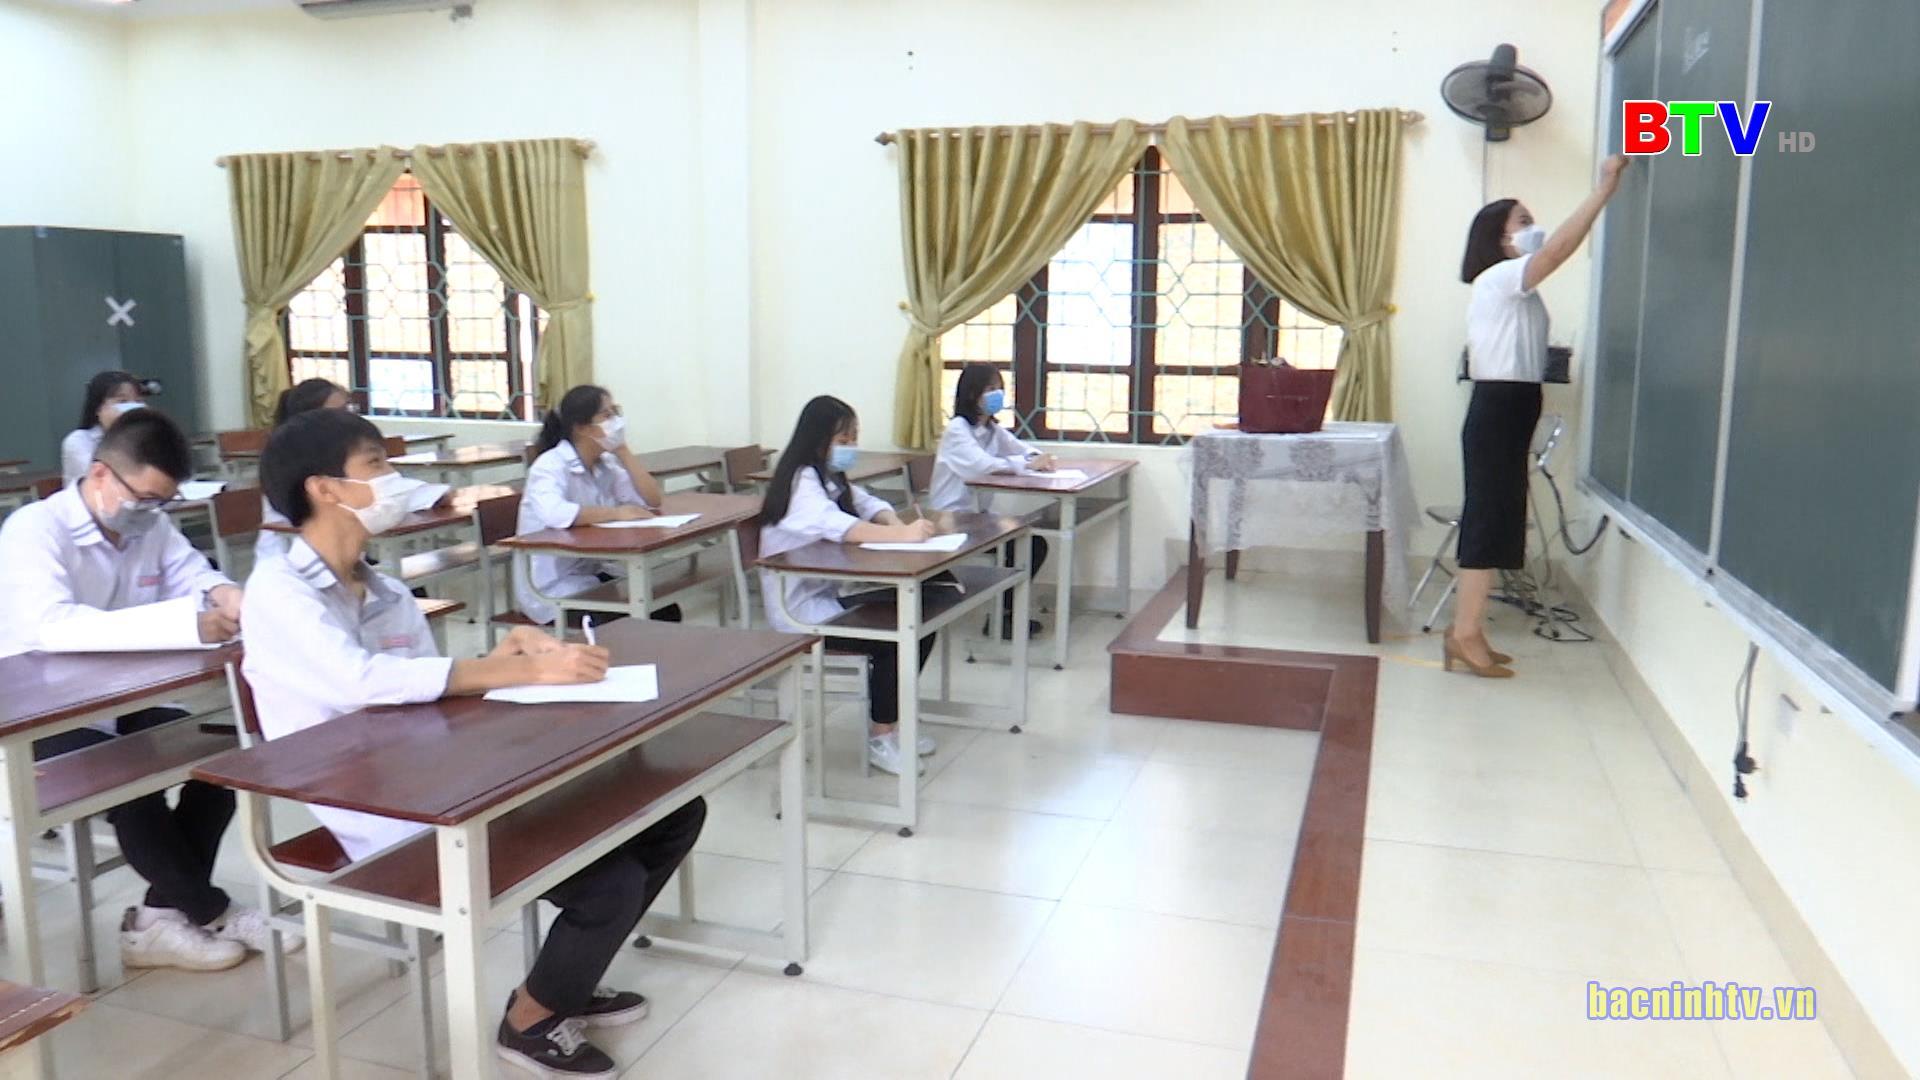 Bắc Ninh tăng hơn 9.500 học sinh các cấp học